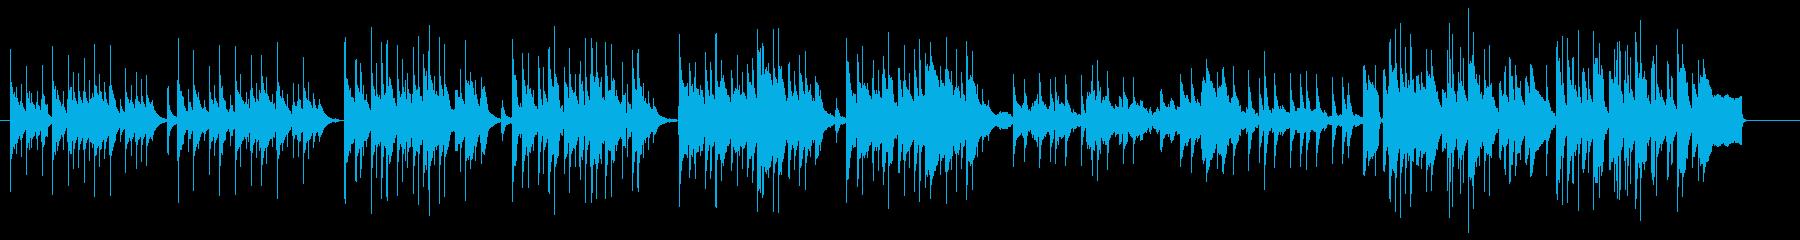 ミステリーの日常曲4の再生済みの波形